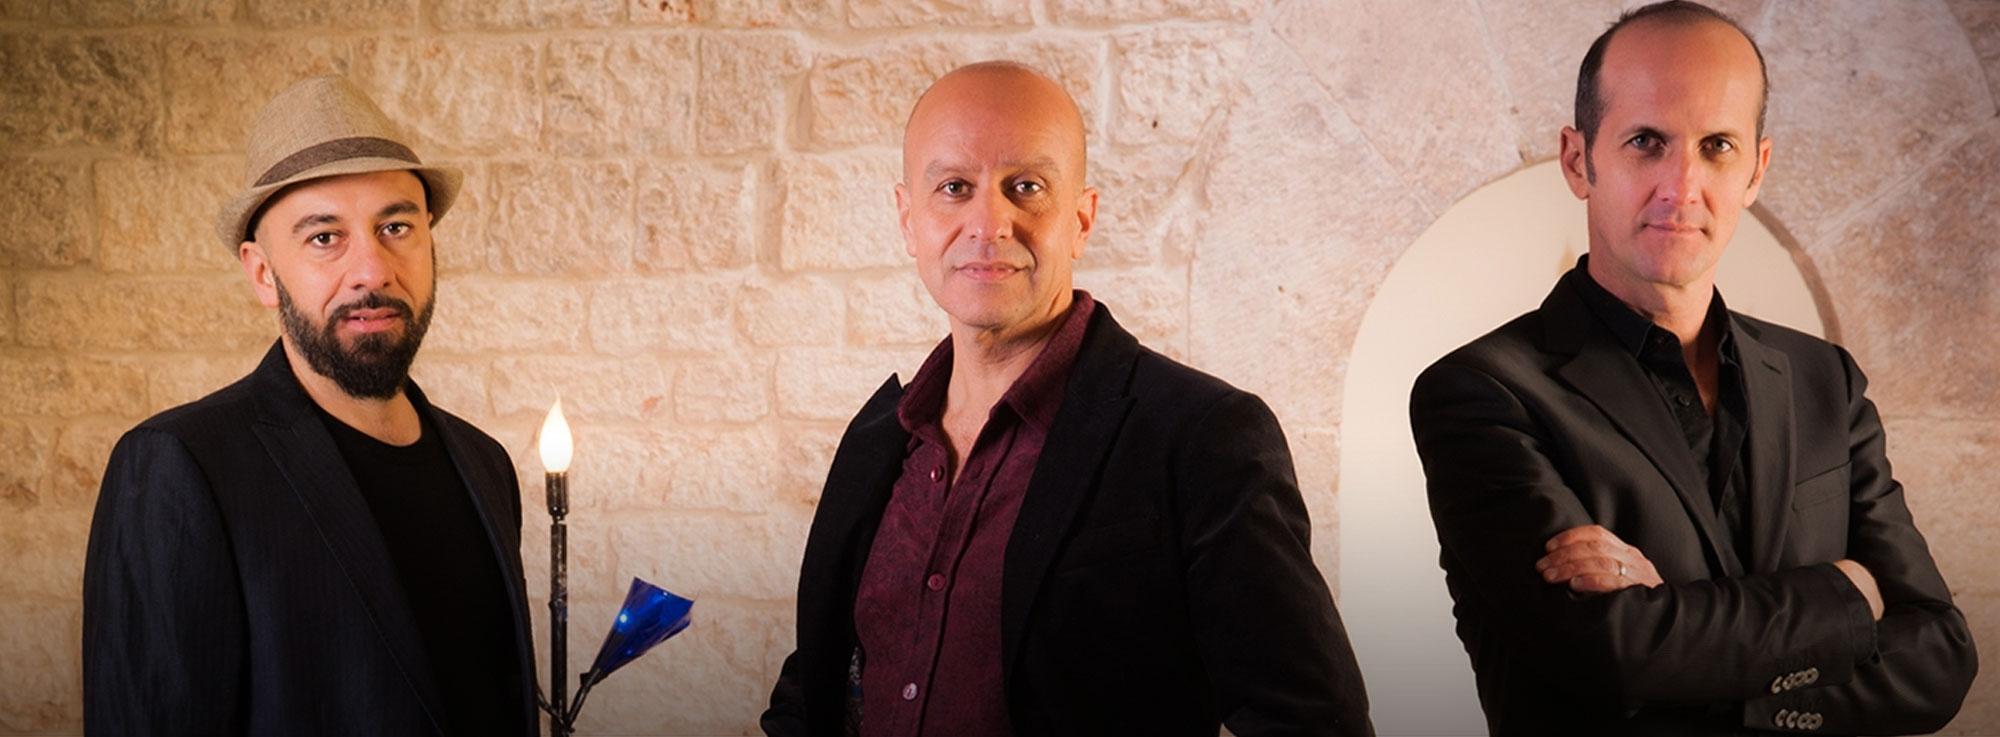 Lecce: Radiodervish e Oles in concerto